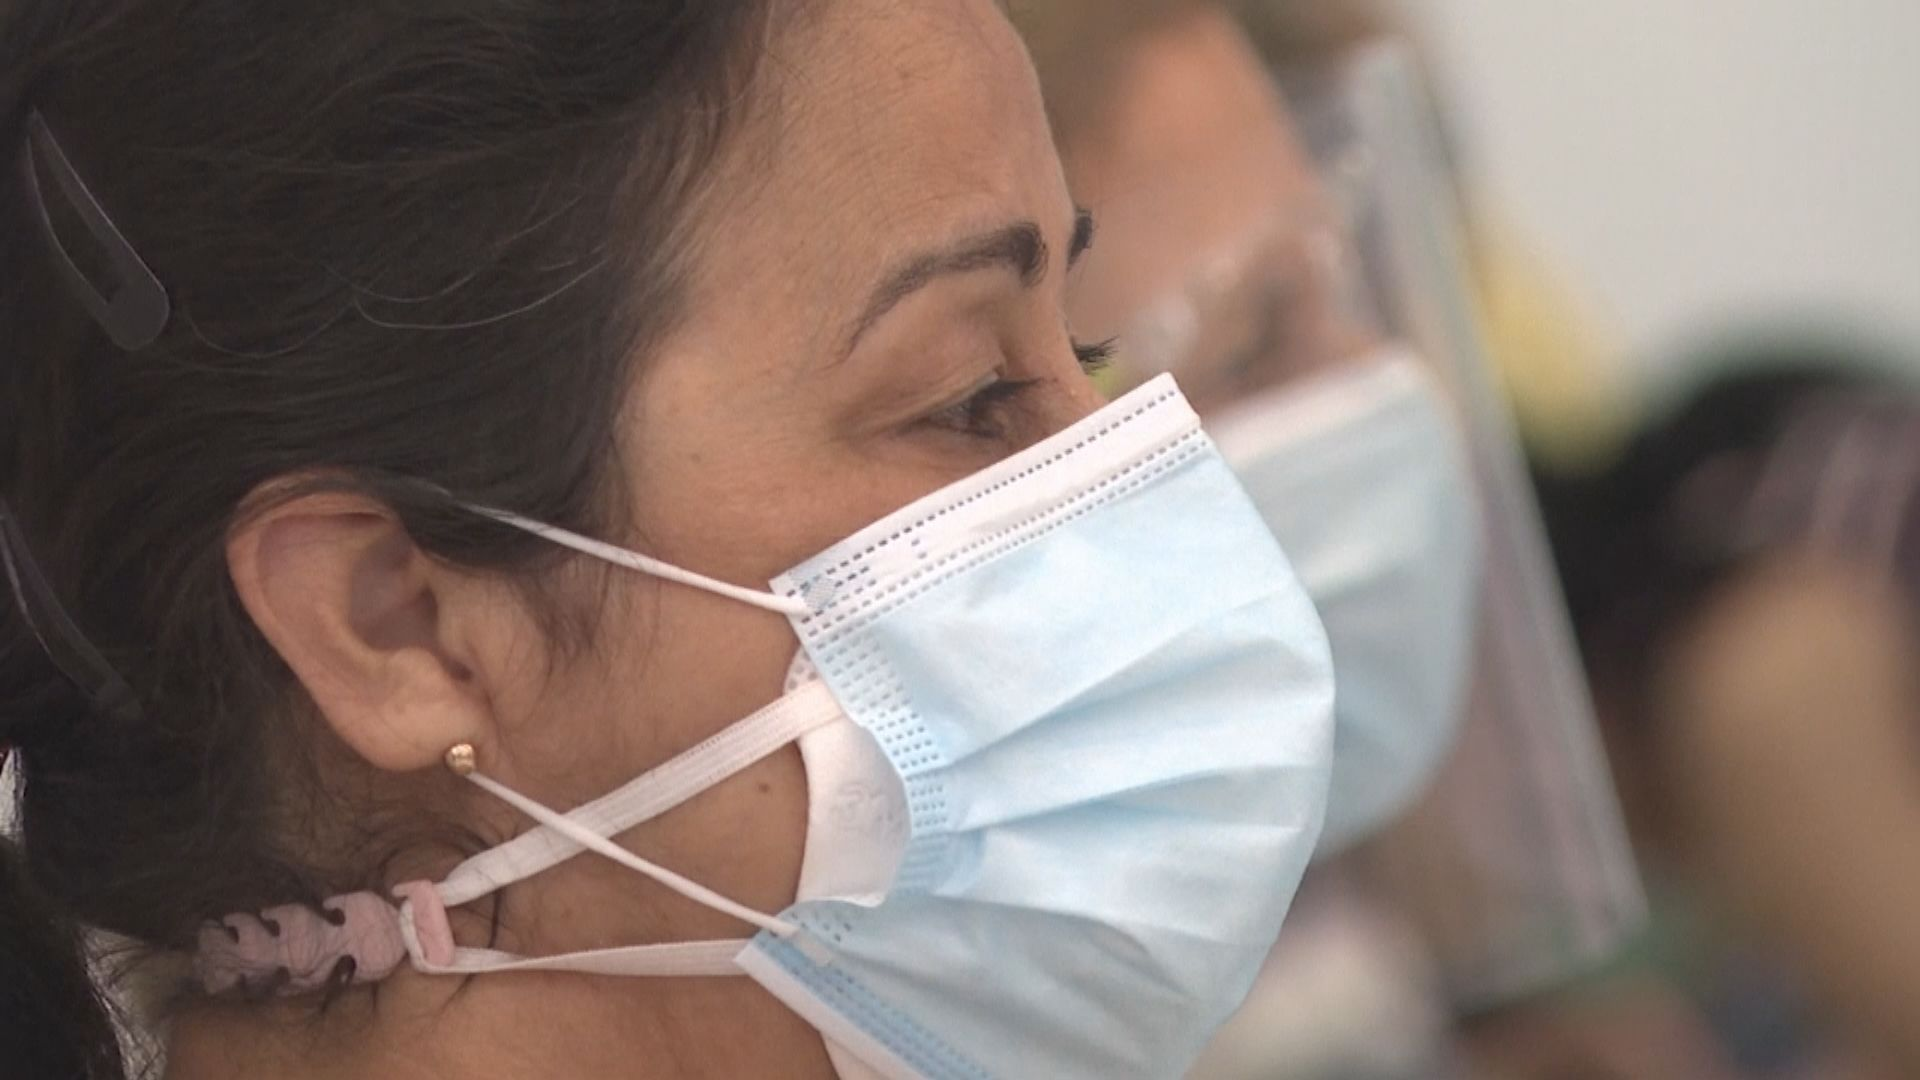 美國疾控中心修訂指引 指佩戴兩個口罩有助阻止新冠病毒傳播